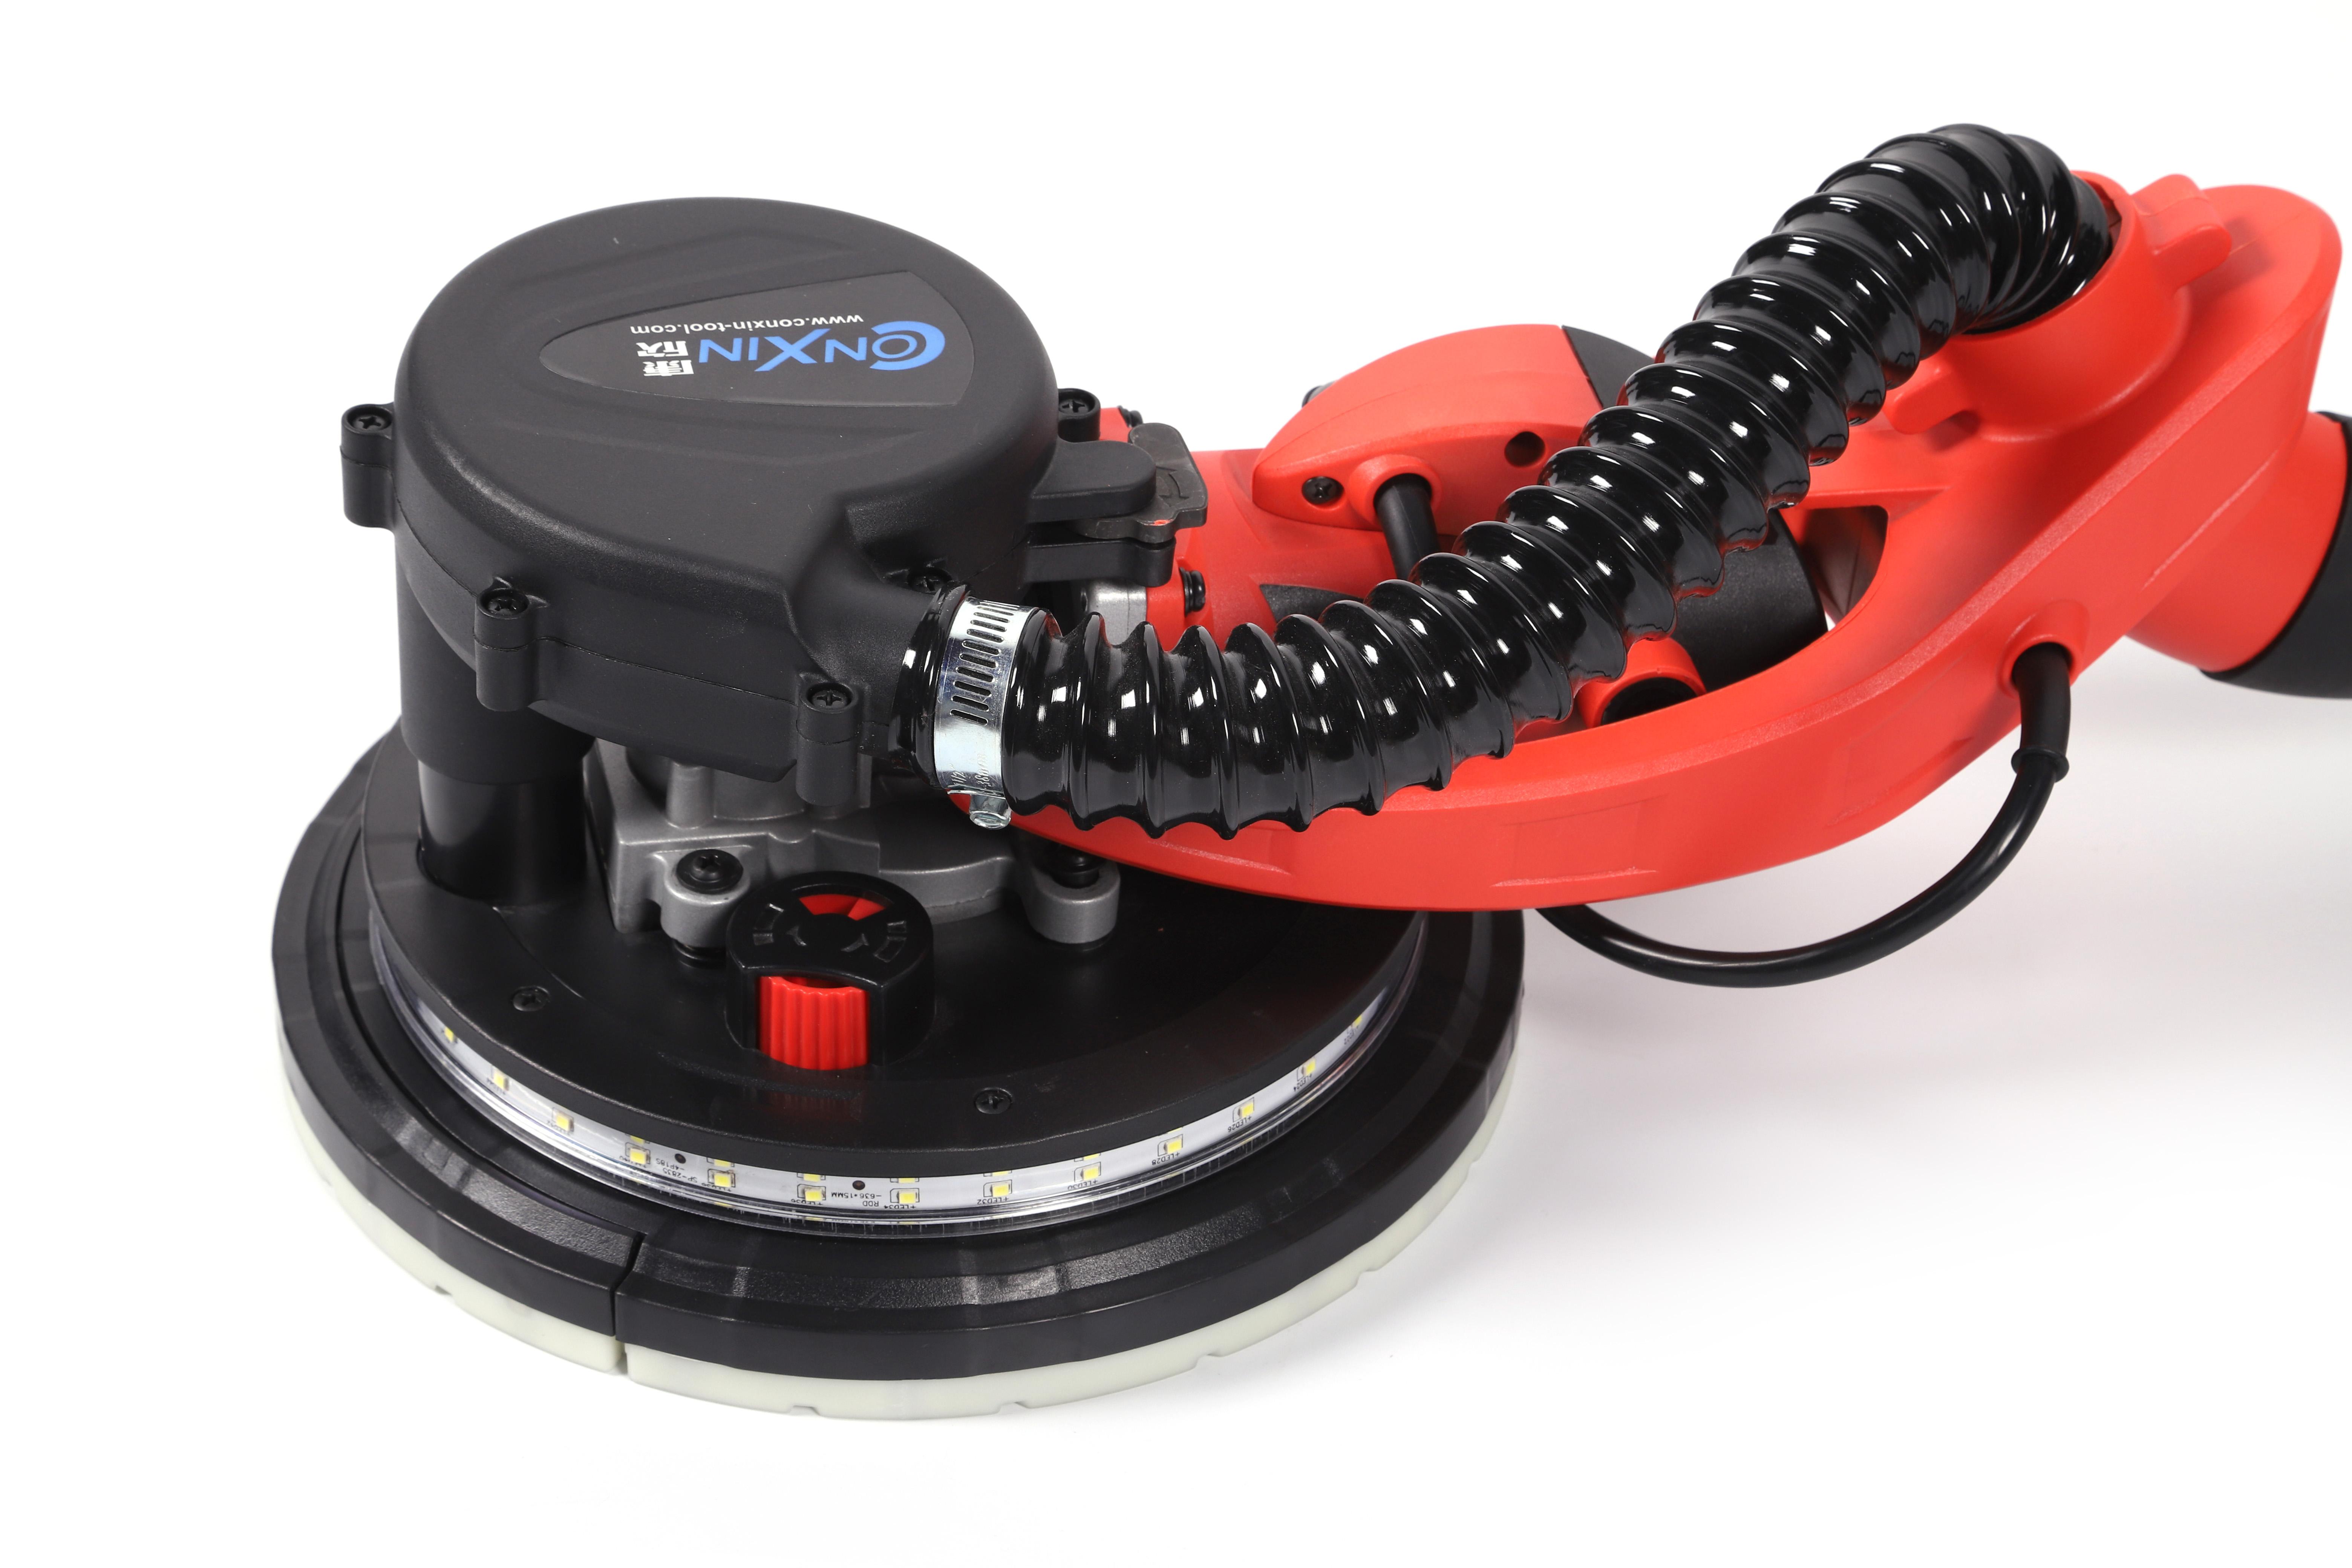 Лидер продаж, электрический шлифовальный станок для гипсокартона CONXIN Amazon CX2301 со светодиодной подсветкой, 225 мм